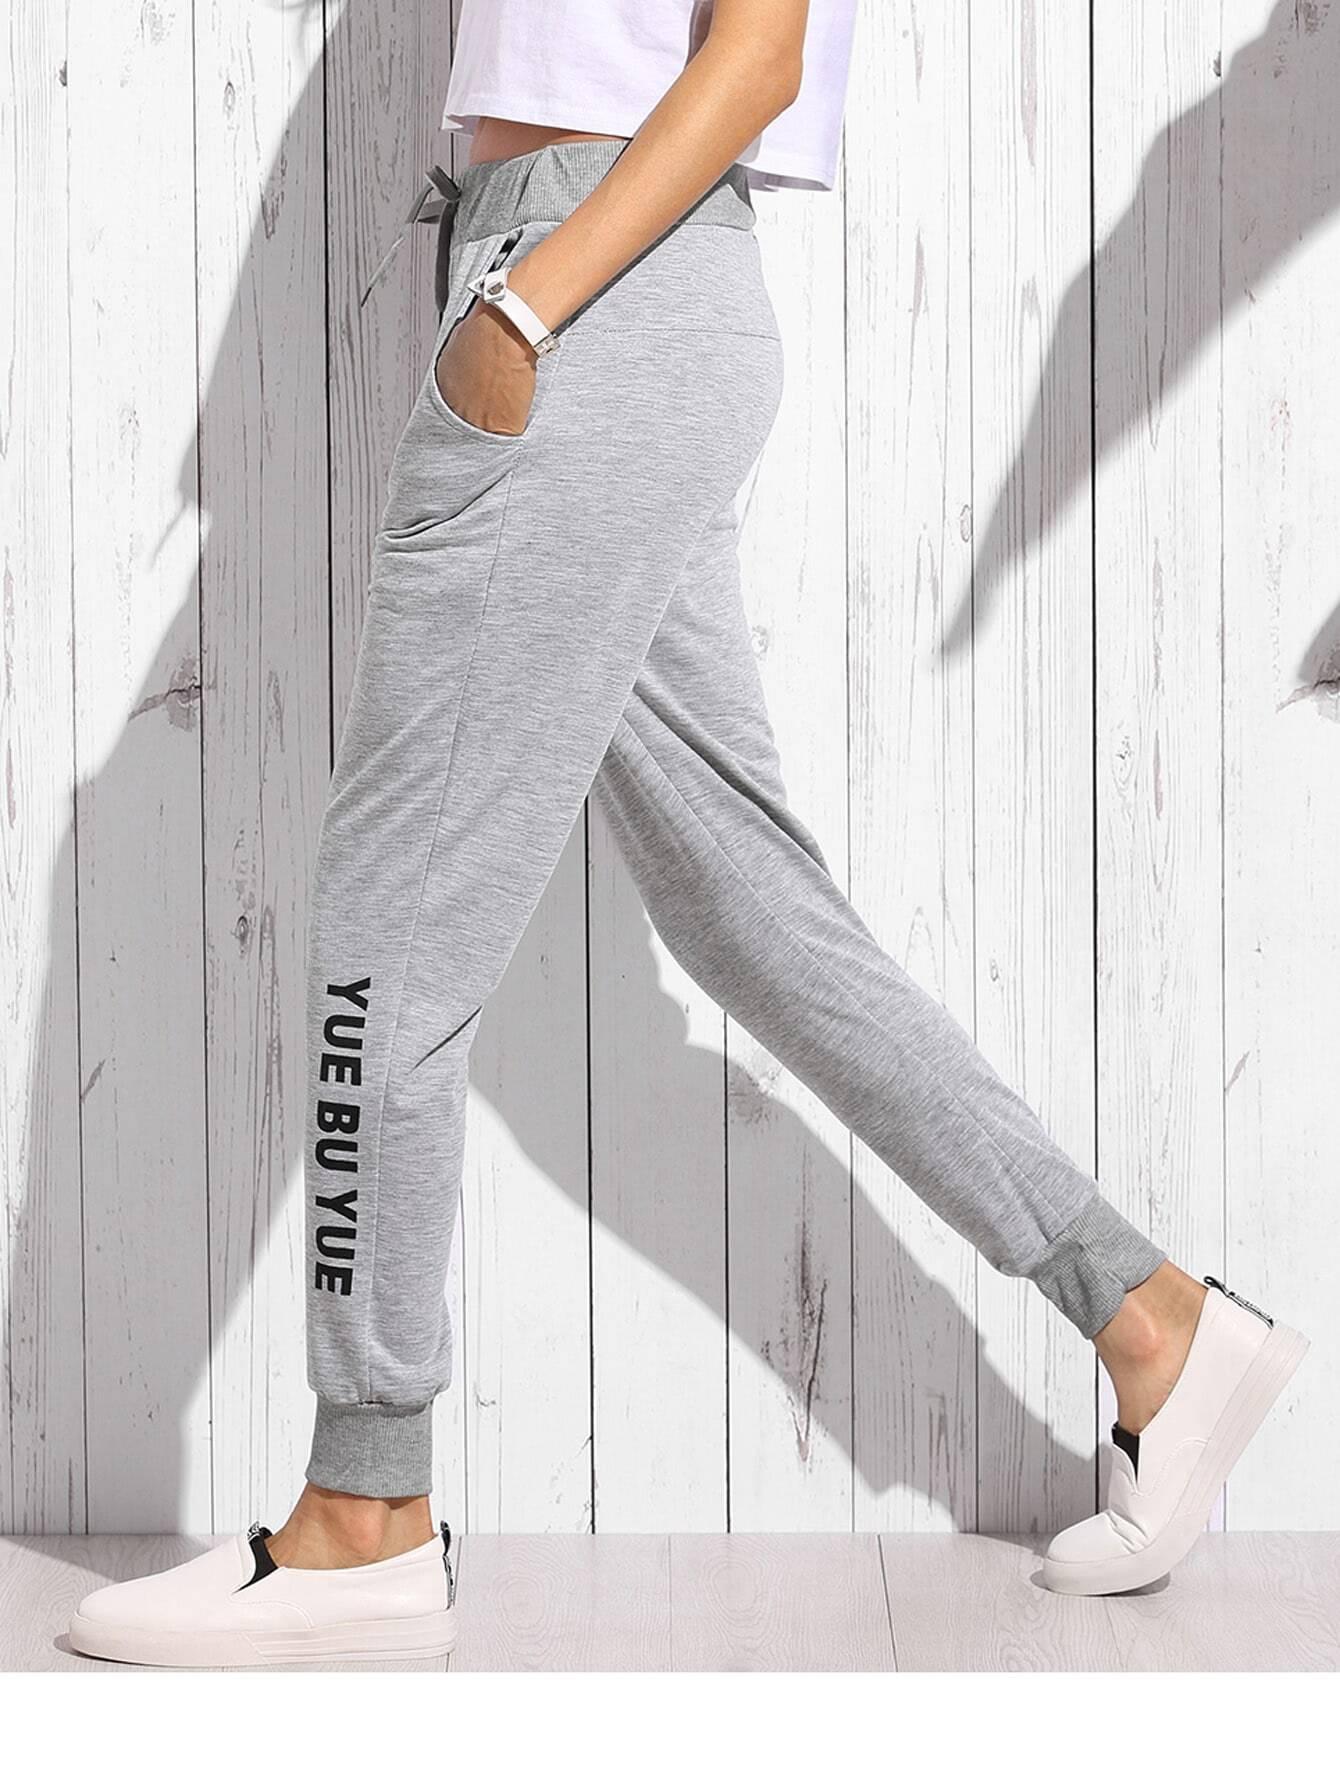 Grey Heathered Knit Ribbed Drawstring Pants pants160715101